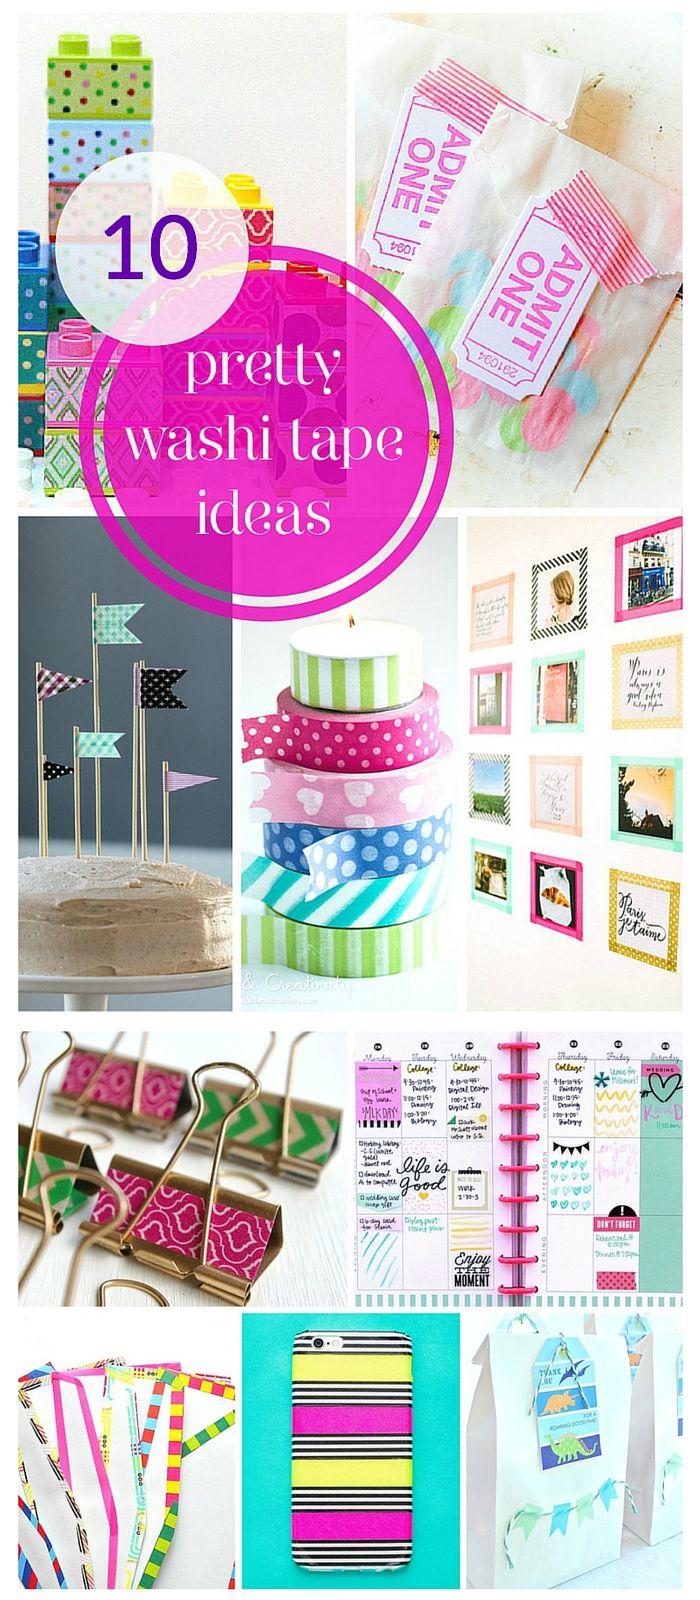 10 super pretty washi tape ideas!